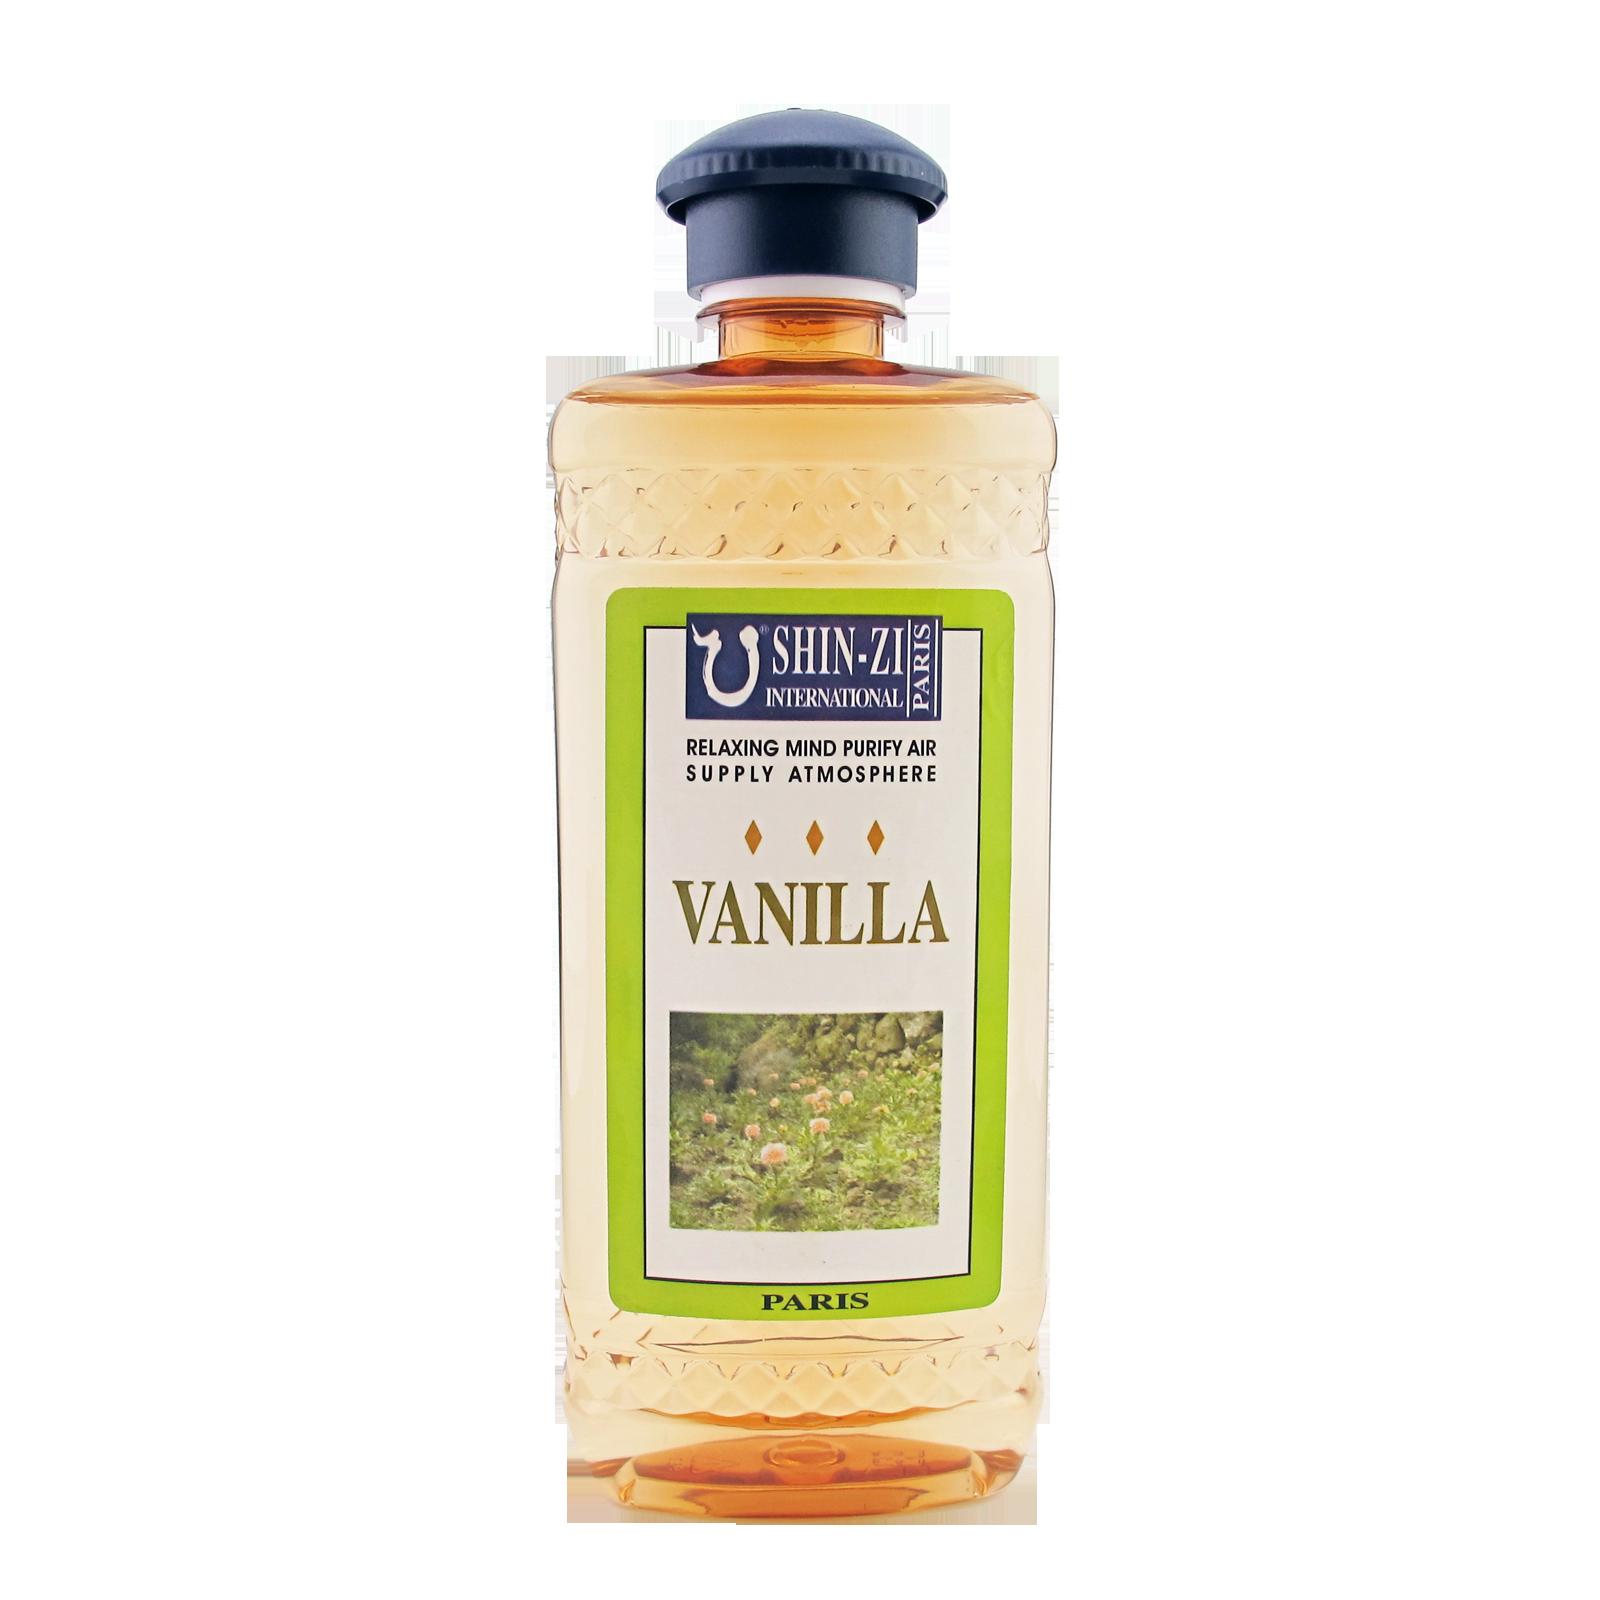 薰香.汽化精油500ml(香草Vanilla)